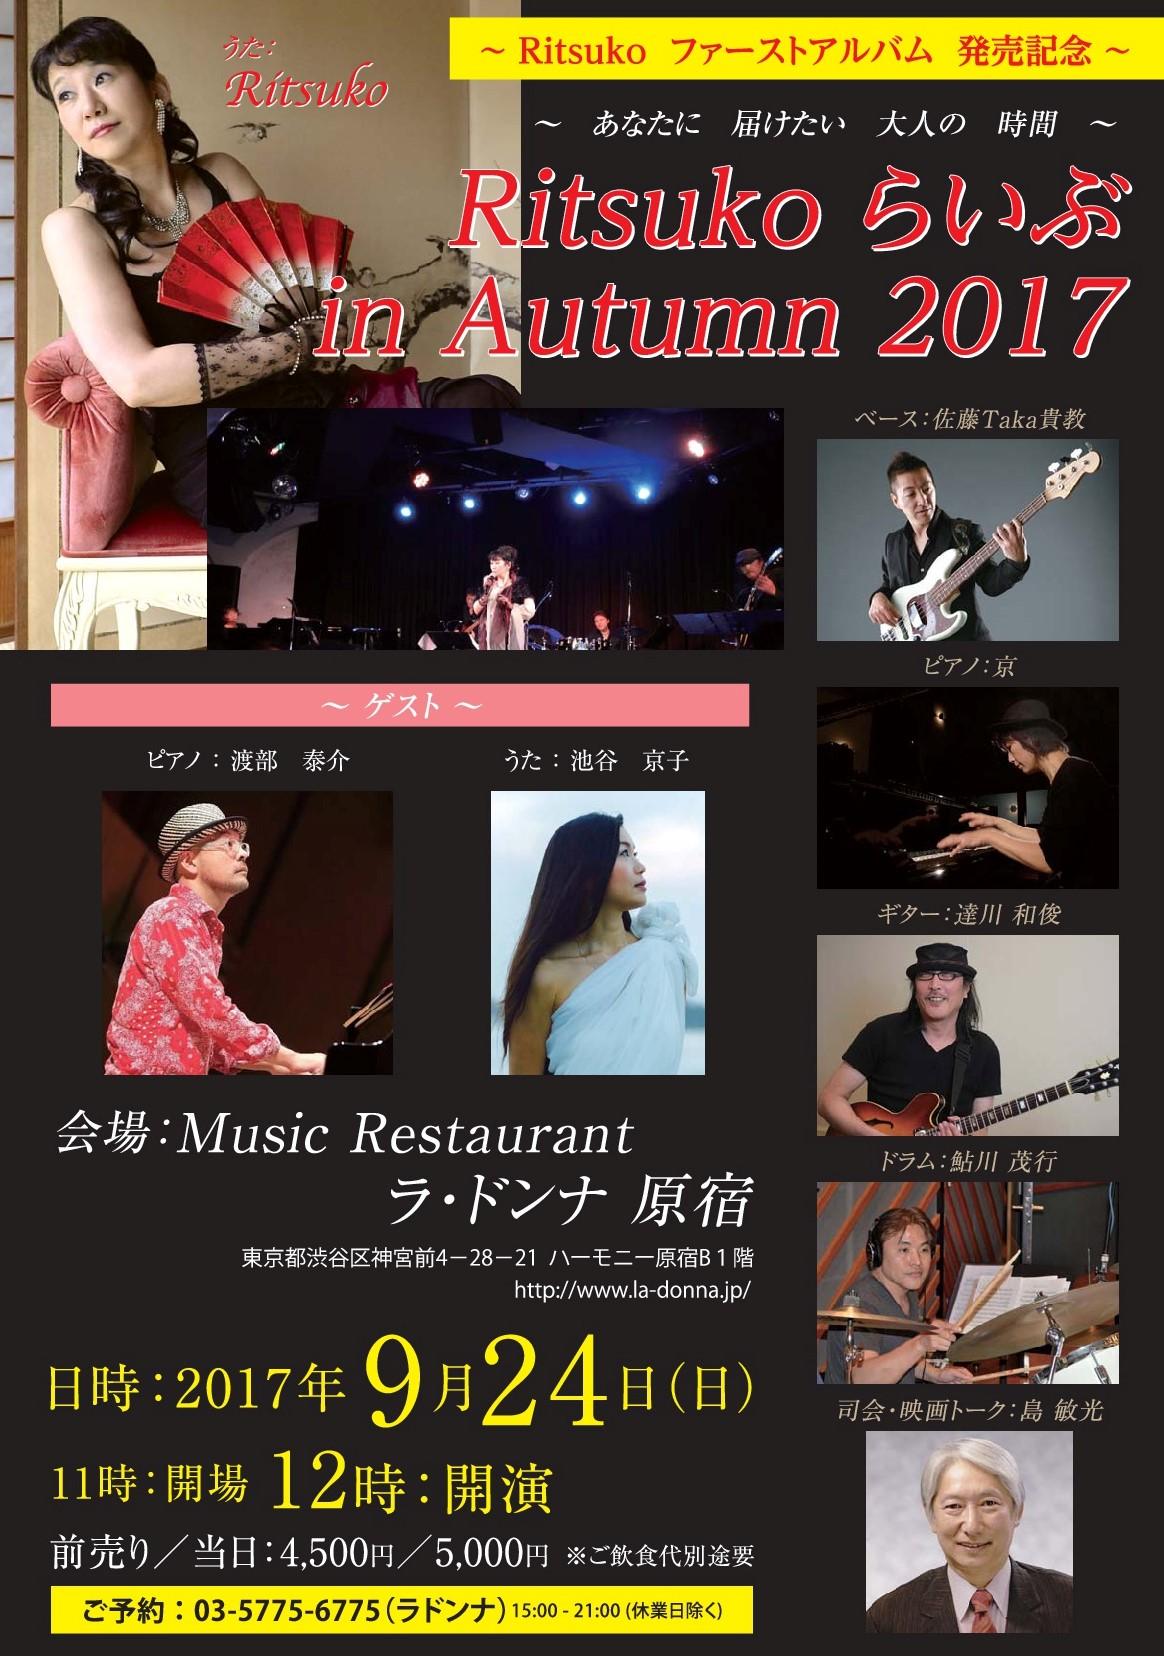 Ritsuko らいぶ in Autumn 2017 ~ あなたに 届けたい 大人の 時間 ~